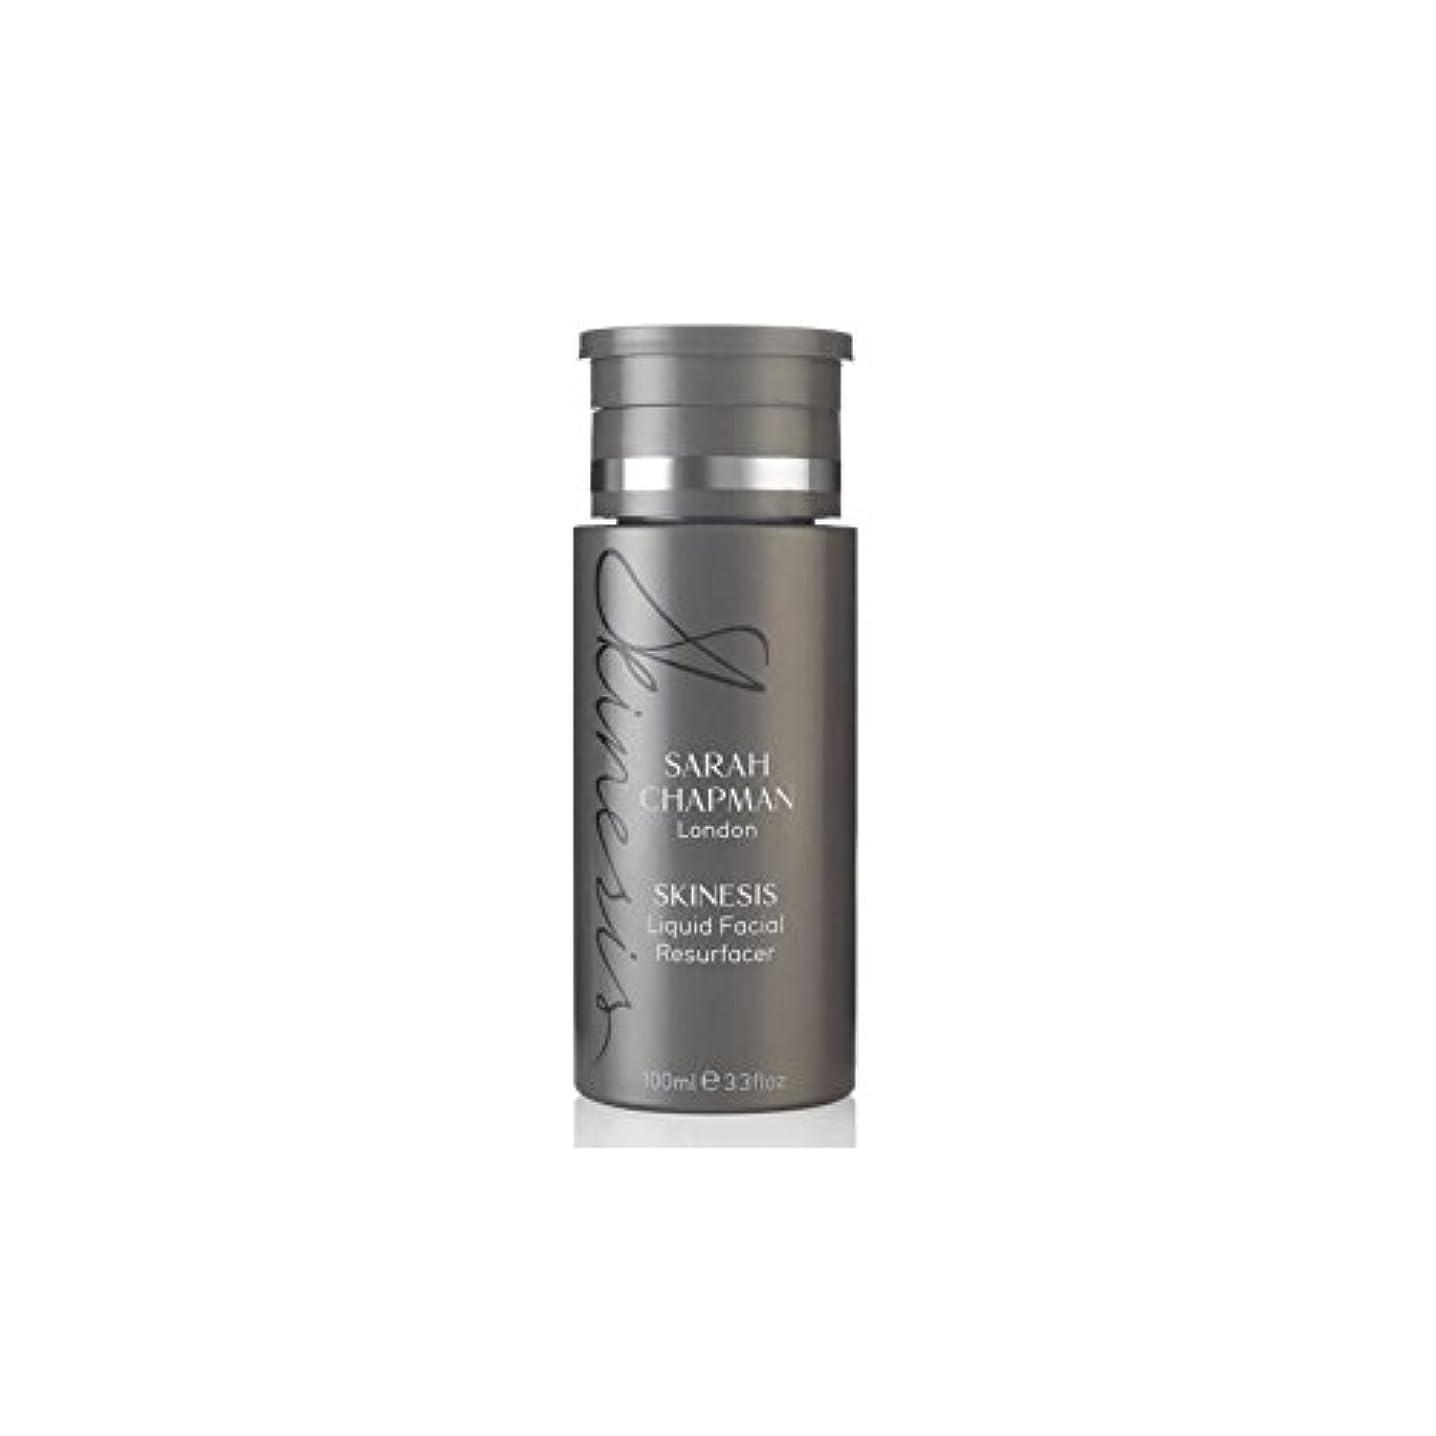 シード有罪力強いサラチャップマン液体顔(100)に x4 - Sarah Chapman Skinesis Liquid Facial Resurfacer (100ml) (Pack of 4) [並行輸入品]